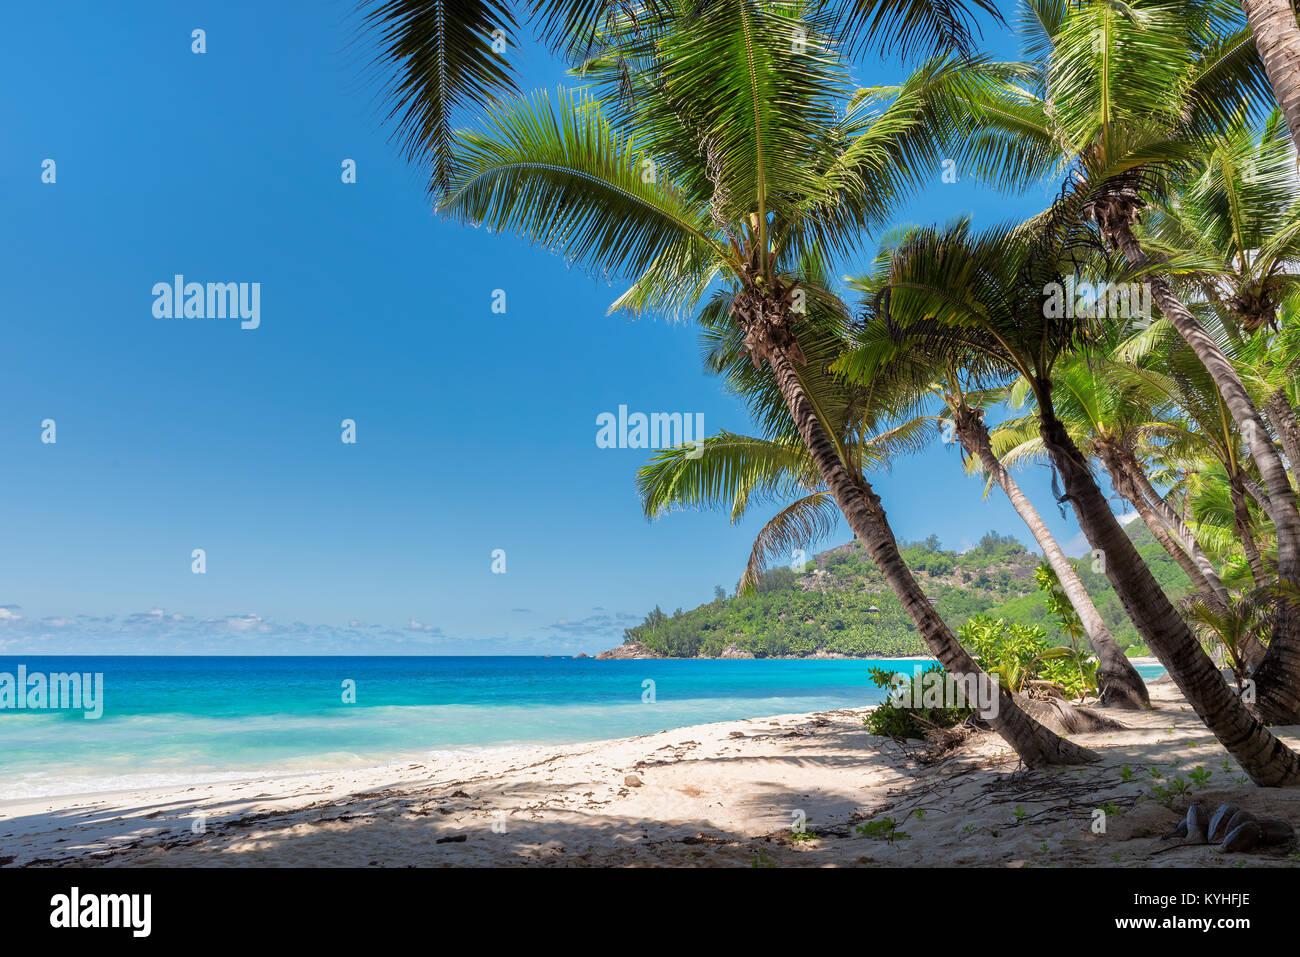 Vue de nice plage tropicale avec palmiers autour. Photo Stock